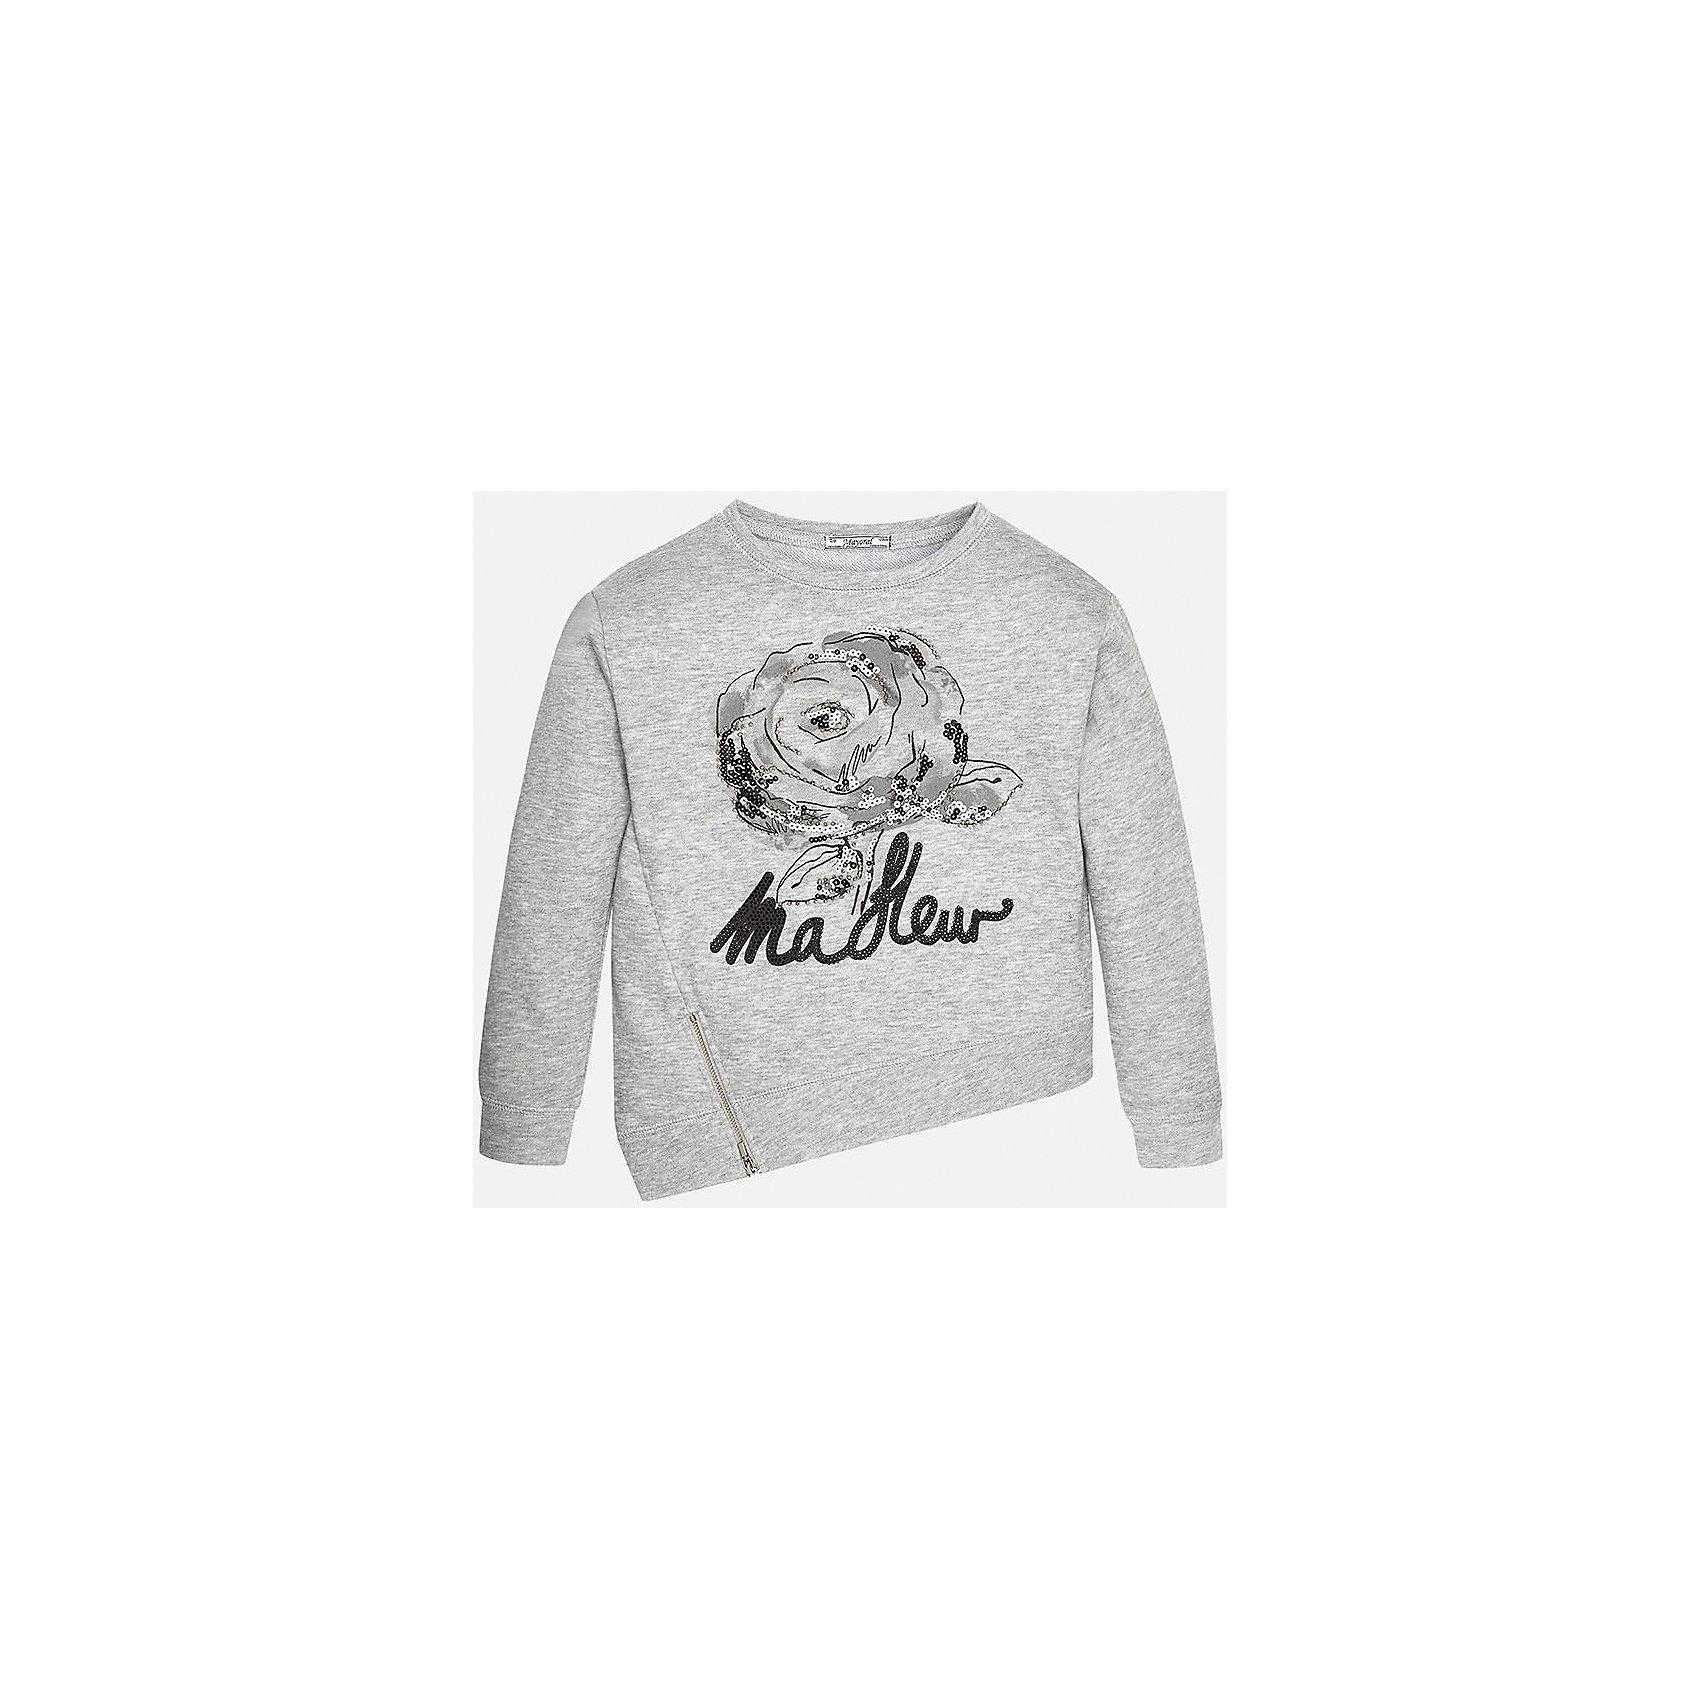 Свитер для девочки MayoralСвитер для девочки от популярного испанского бренда Mayoral(Майорал) изготовлен из качественных дышащих материалов. Дизайн приятно порадует вас и ребенка. Ассиметричный подол, принт, стразы, пайетки, молния - в этом свитере есть все, что нужно для стильного и оригинального образа!<br>Дополнительная информация:<br>-ассиметричный подол<br>-украшен принтом, стразами и пайетками<br>-цвет: серый<br>-состав: 65% полиэстер, 35% хлопок<br>Свитер для девочки Mayoral(Майорал) вы можете приобрести в нашем интернет-магазине.<br><br>Ширина мм: 190<br>Глубина мм: 74<br>Высота мм: 229<br>Вес г: 236<br>Цвет: серый<br>Возраст от месяцев: 96<br>Возраст до месяцев: 108<br>Пол: Женский<br>Возраст: Детский<br>Размер: 128/134,134/140,146/152,164/170,158/164,152/158<br>SKU: 4847220